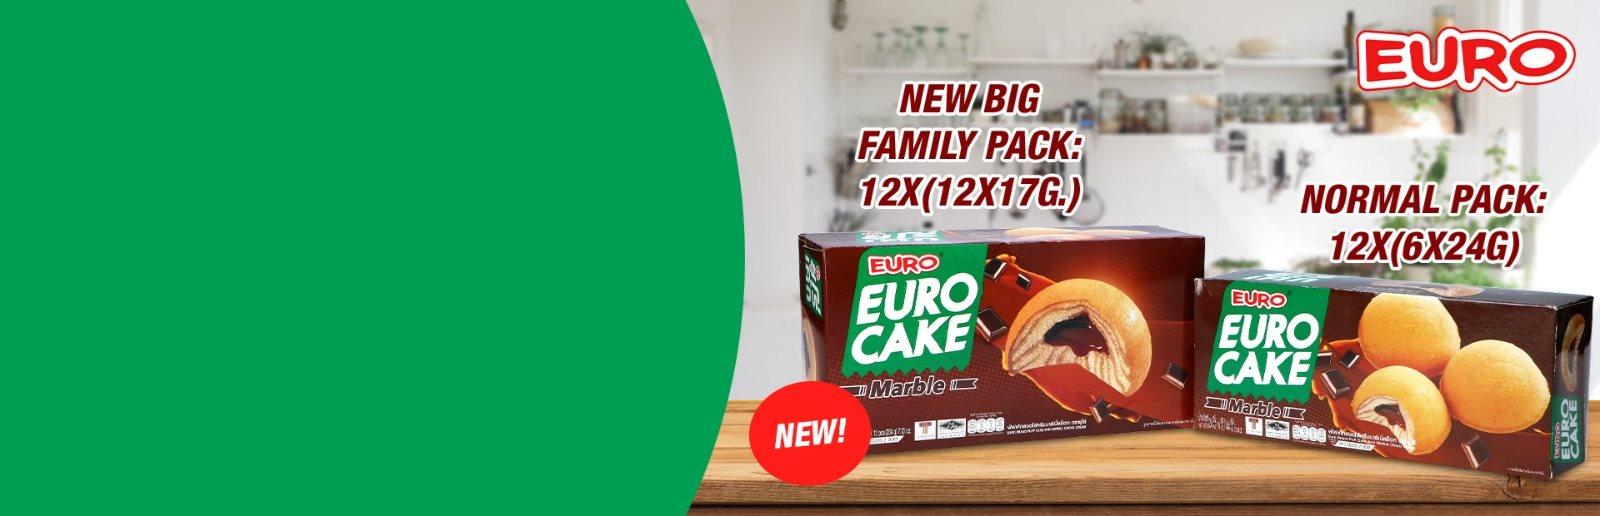 Euro Cake Family Pack